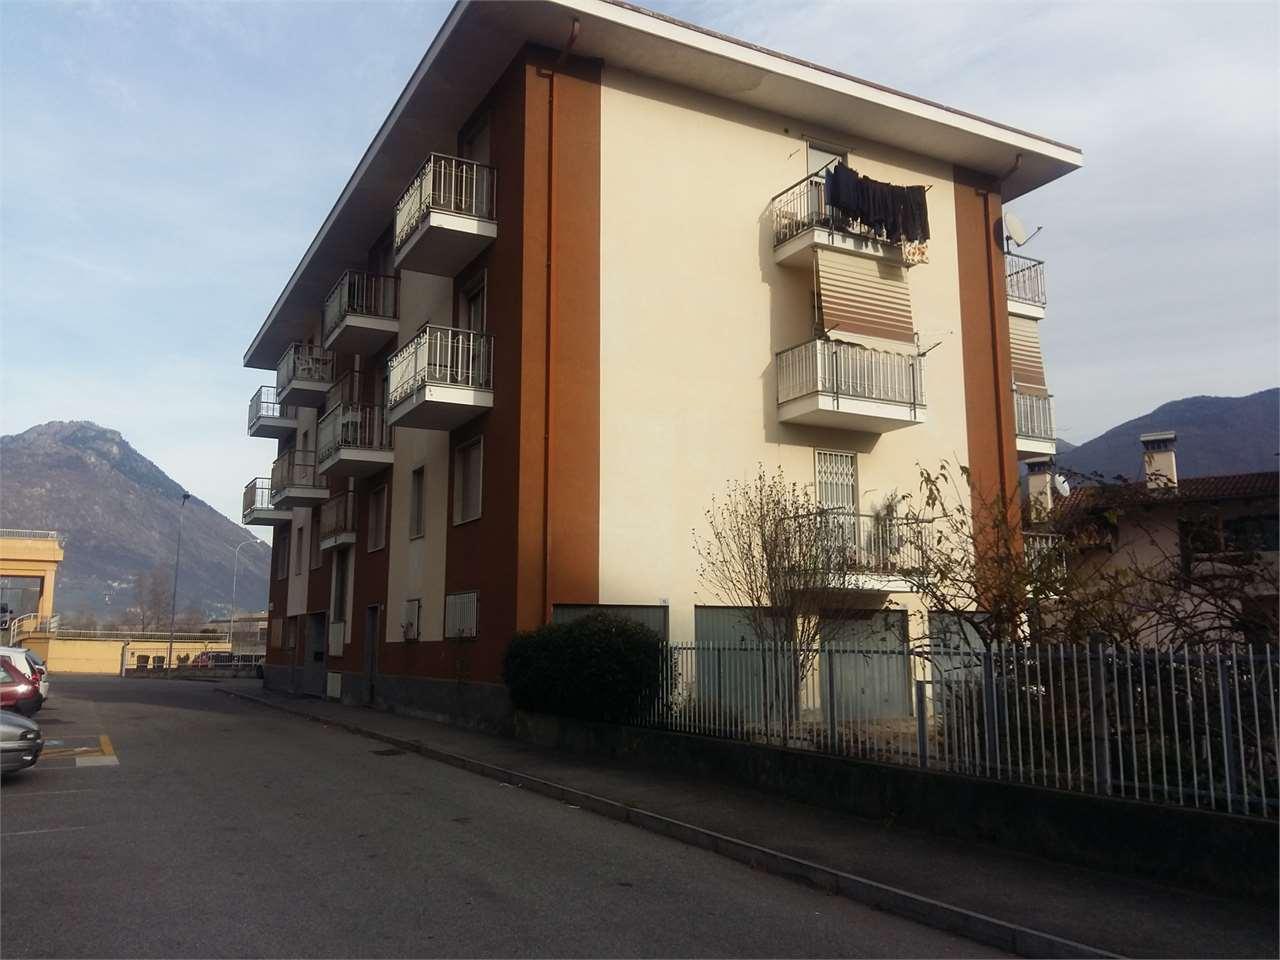 Ufficio / Studio in vendita a Domodossola, 2 locali, prezzo € 65.000 | Cambio Casa.it